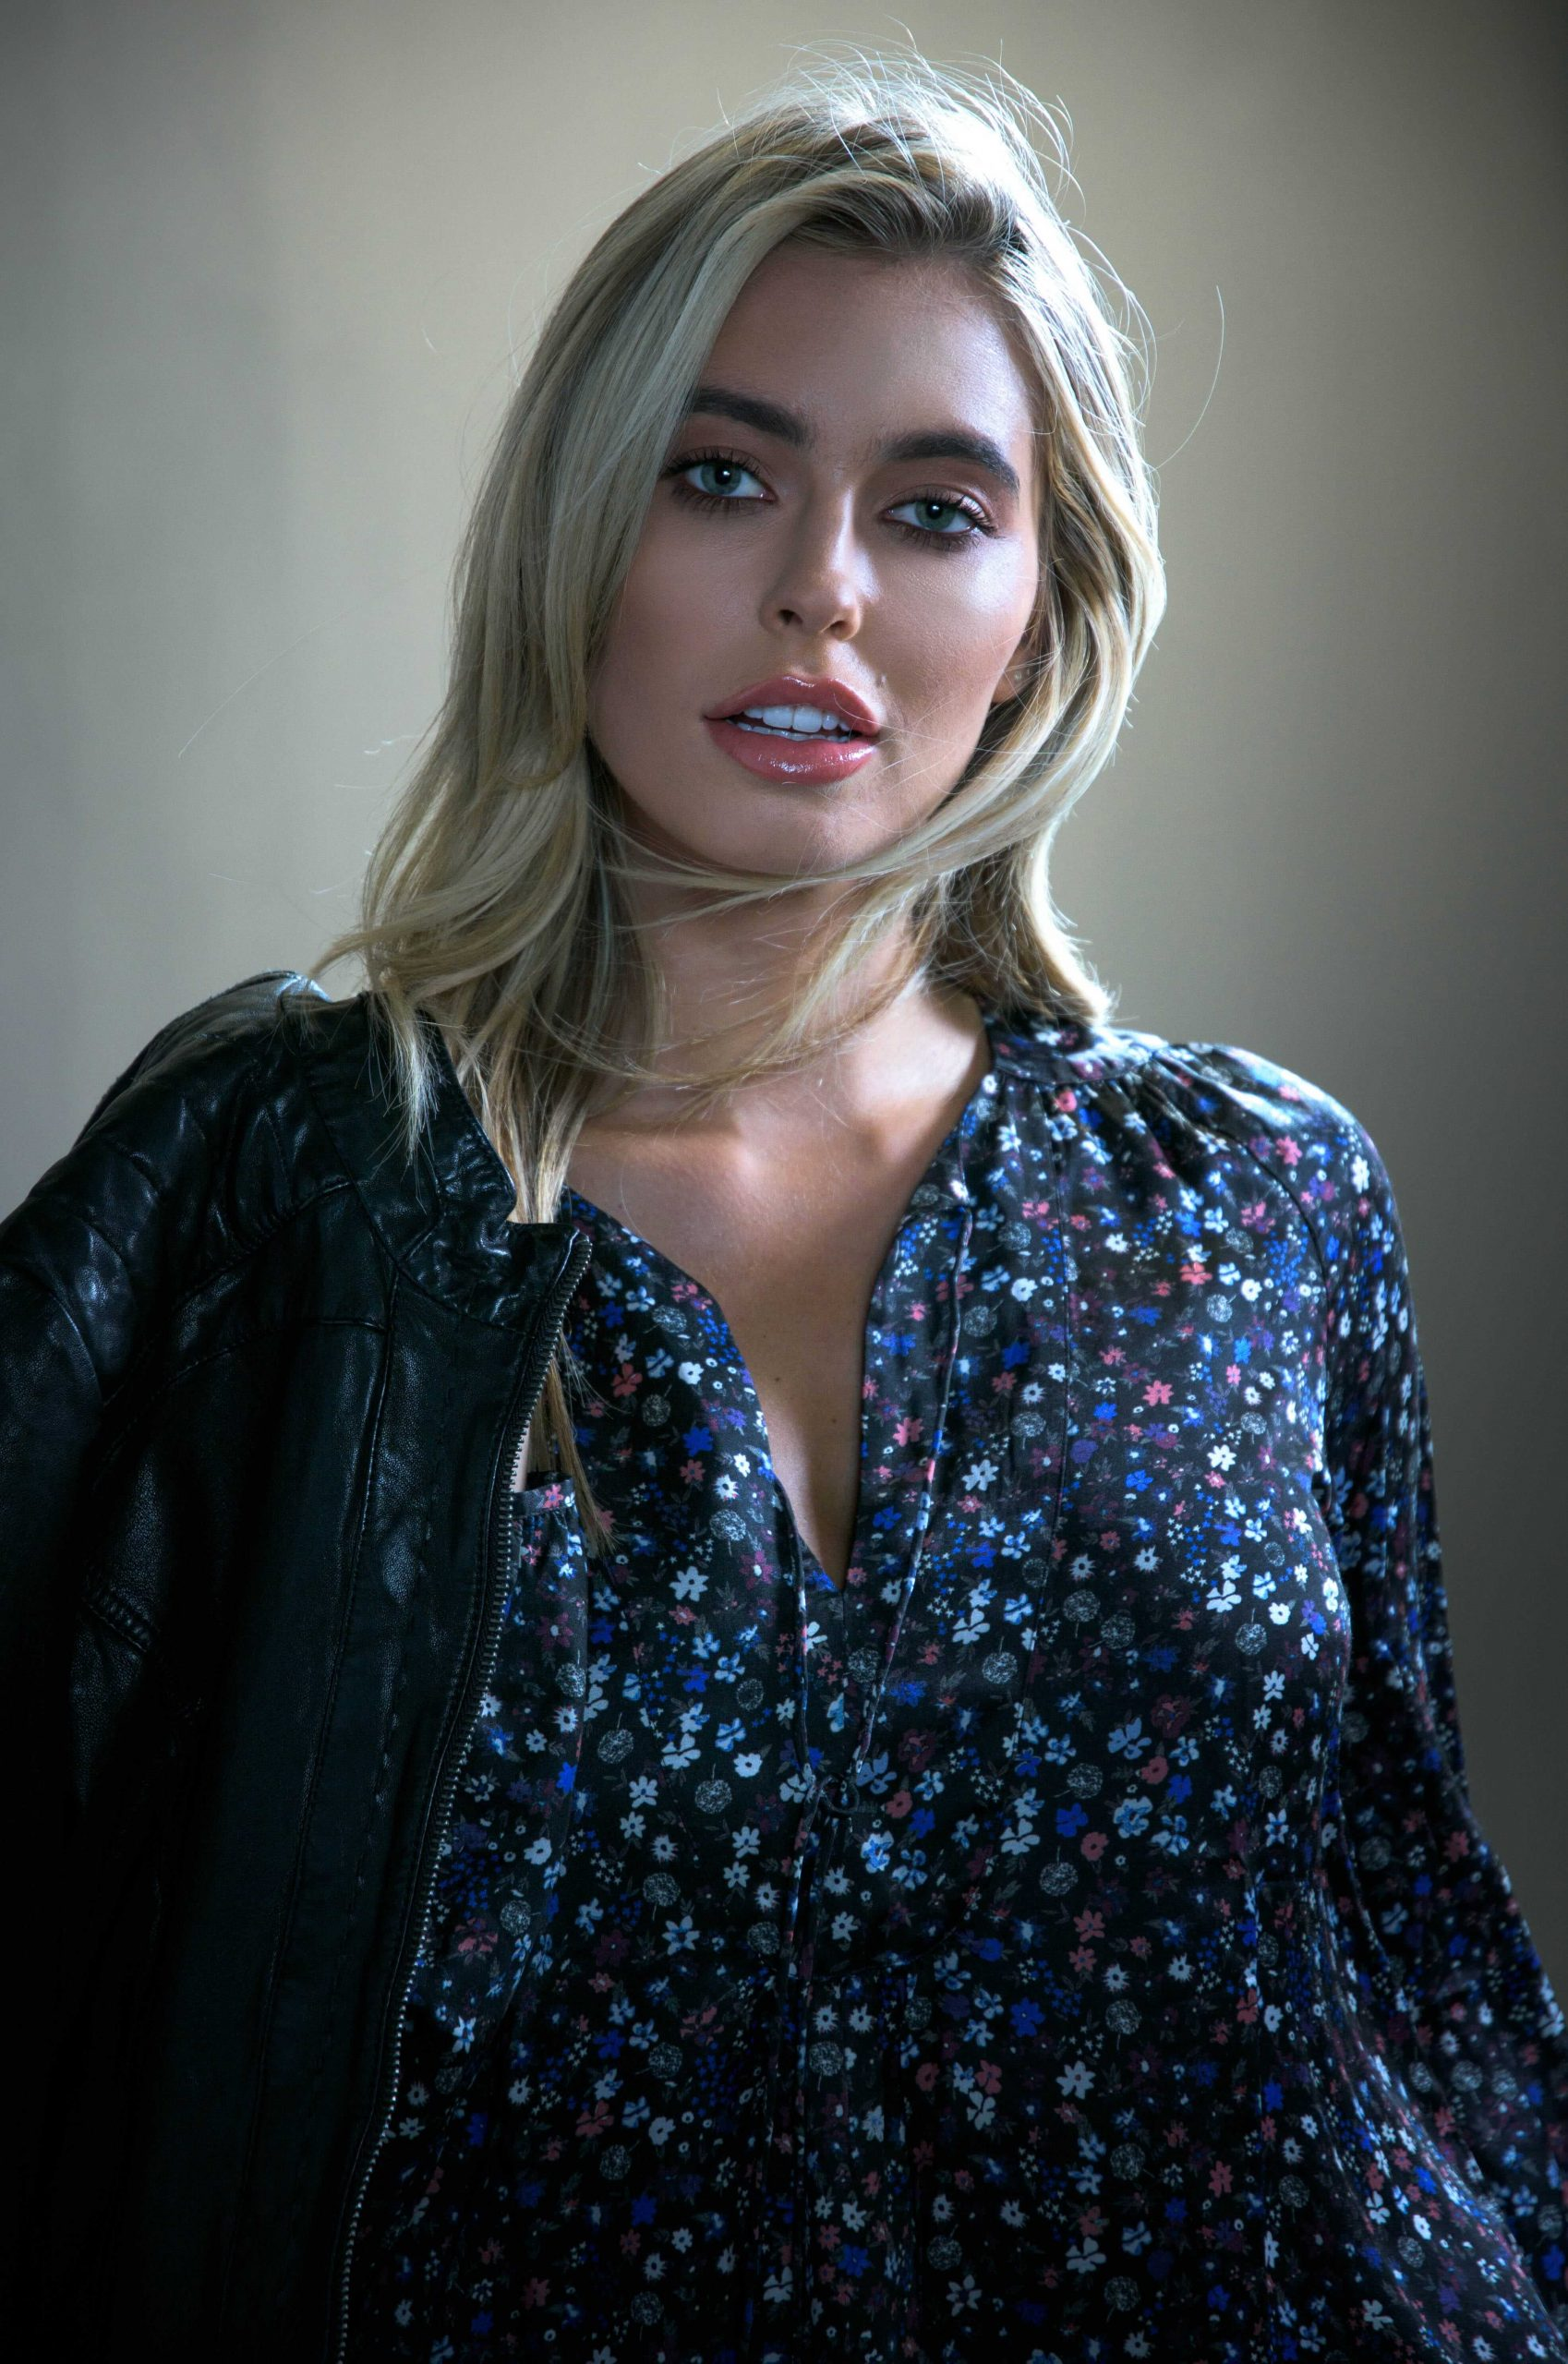 model amy neville